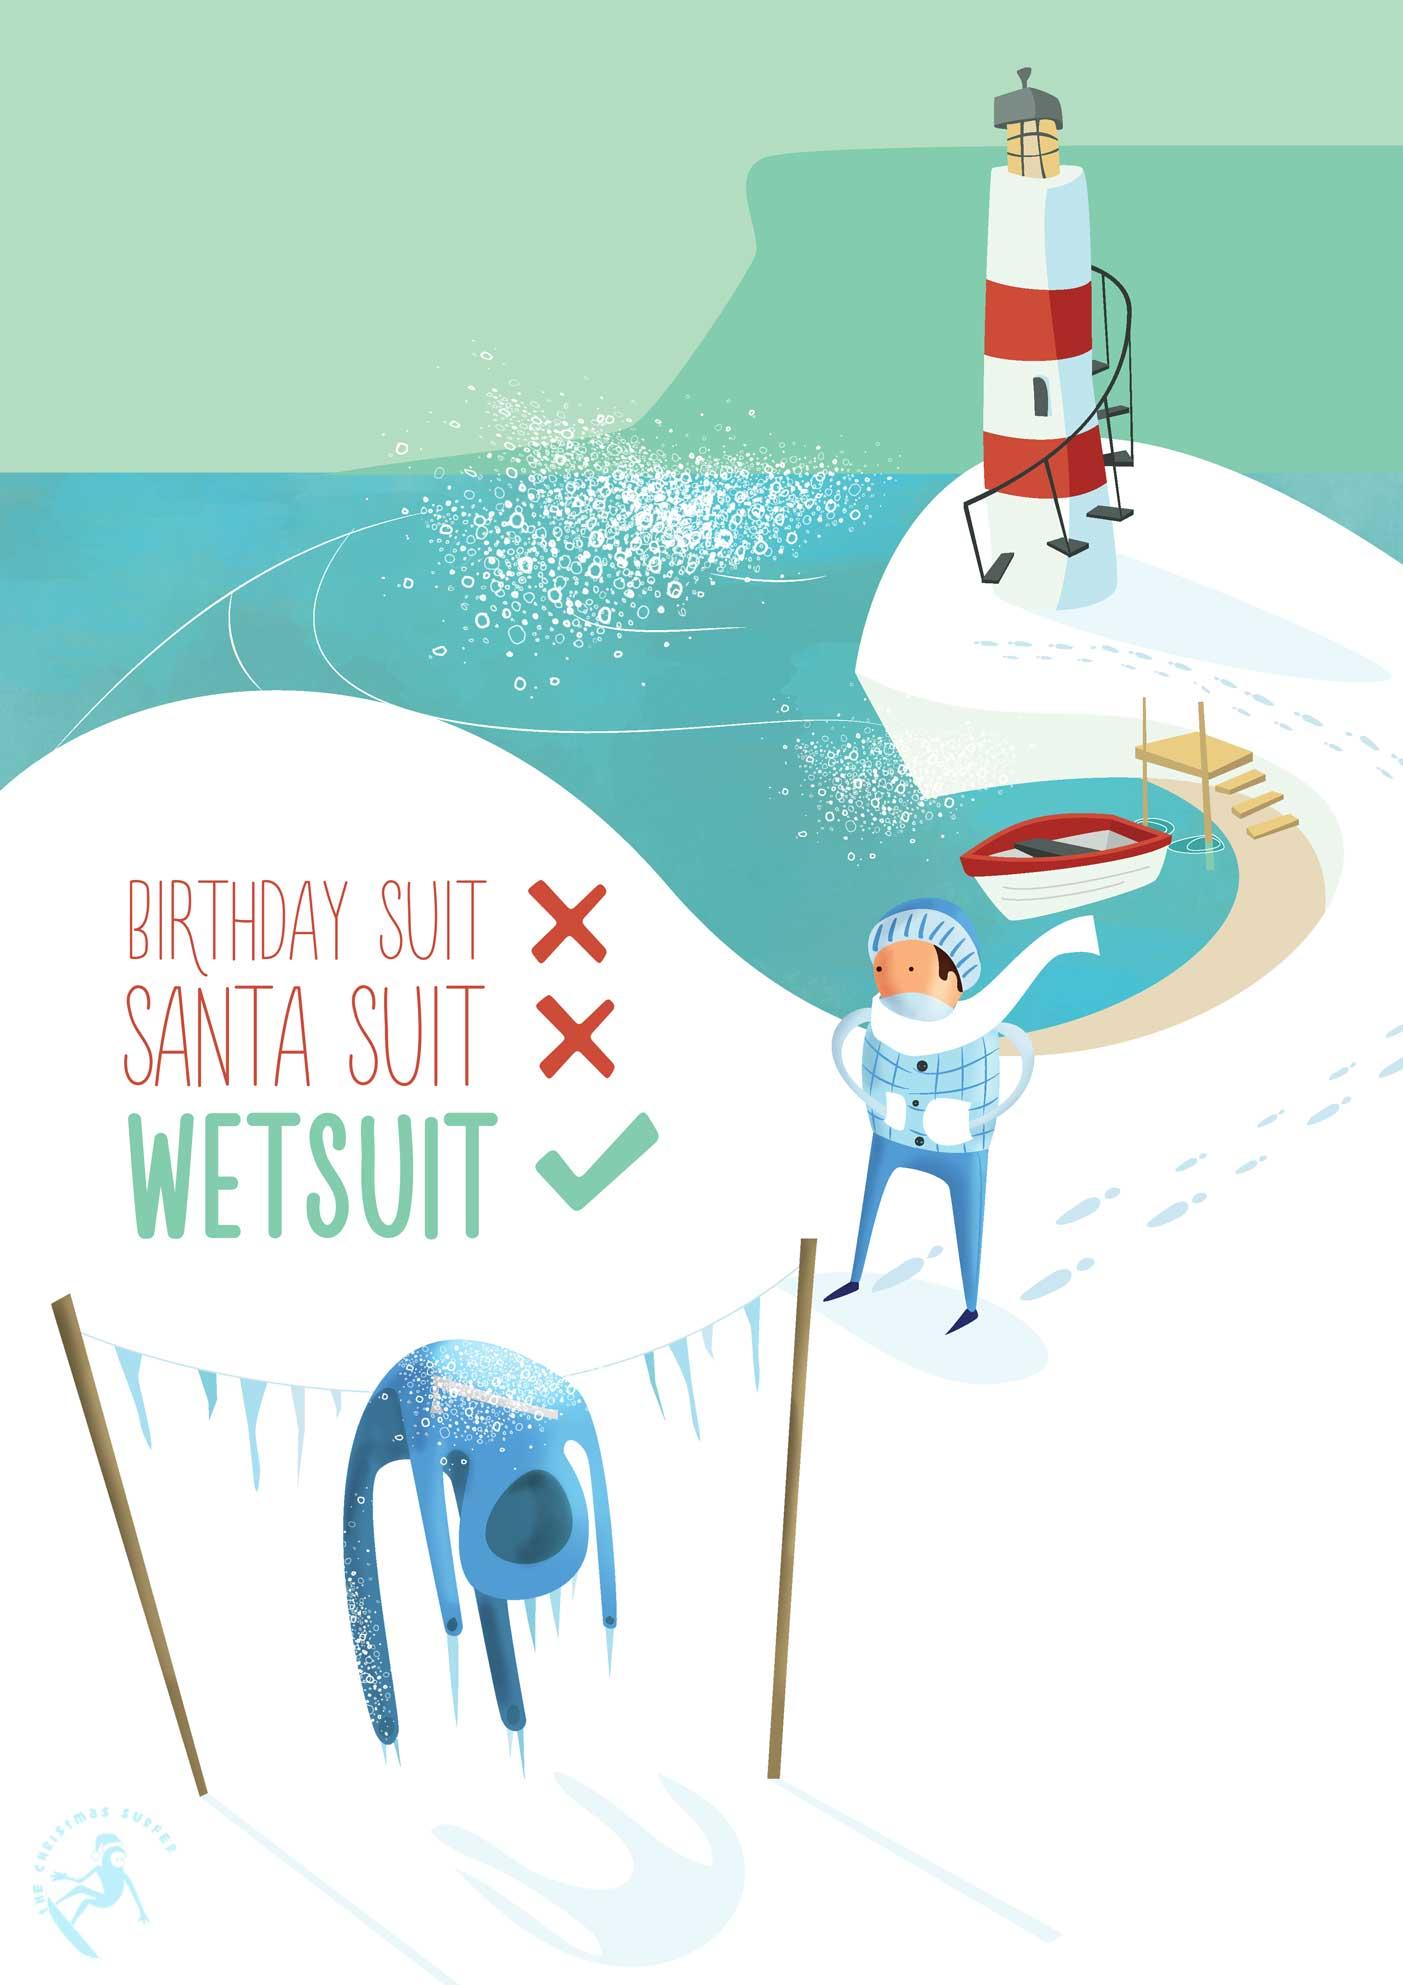 lo-res-Wetsuit.jpg